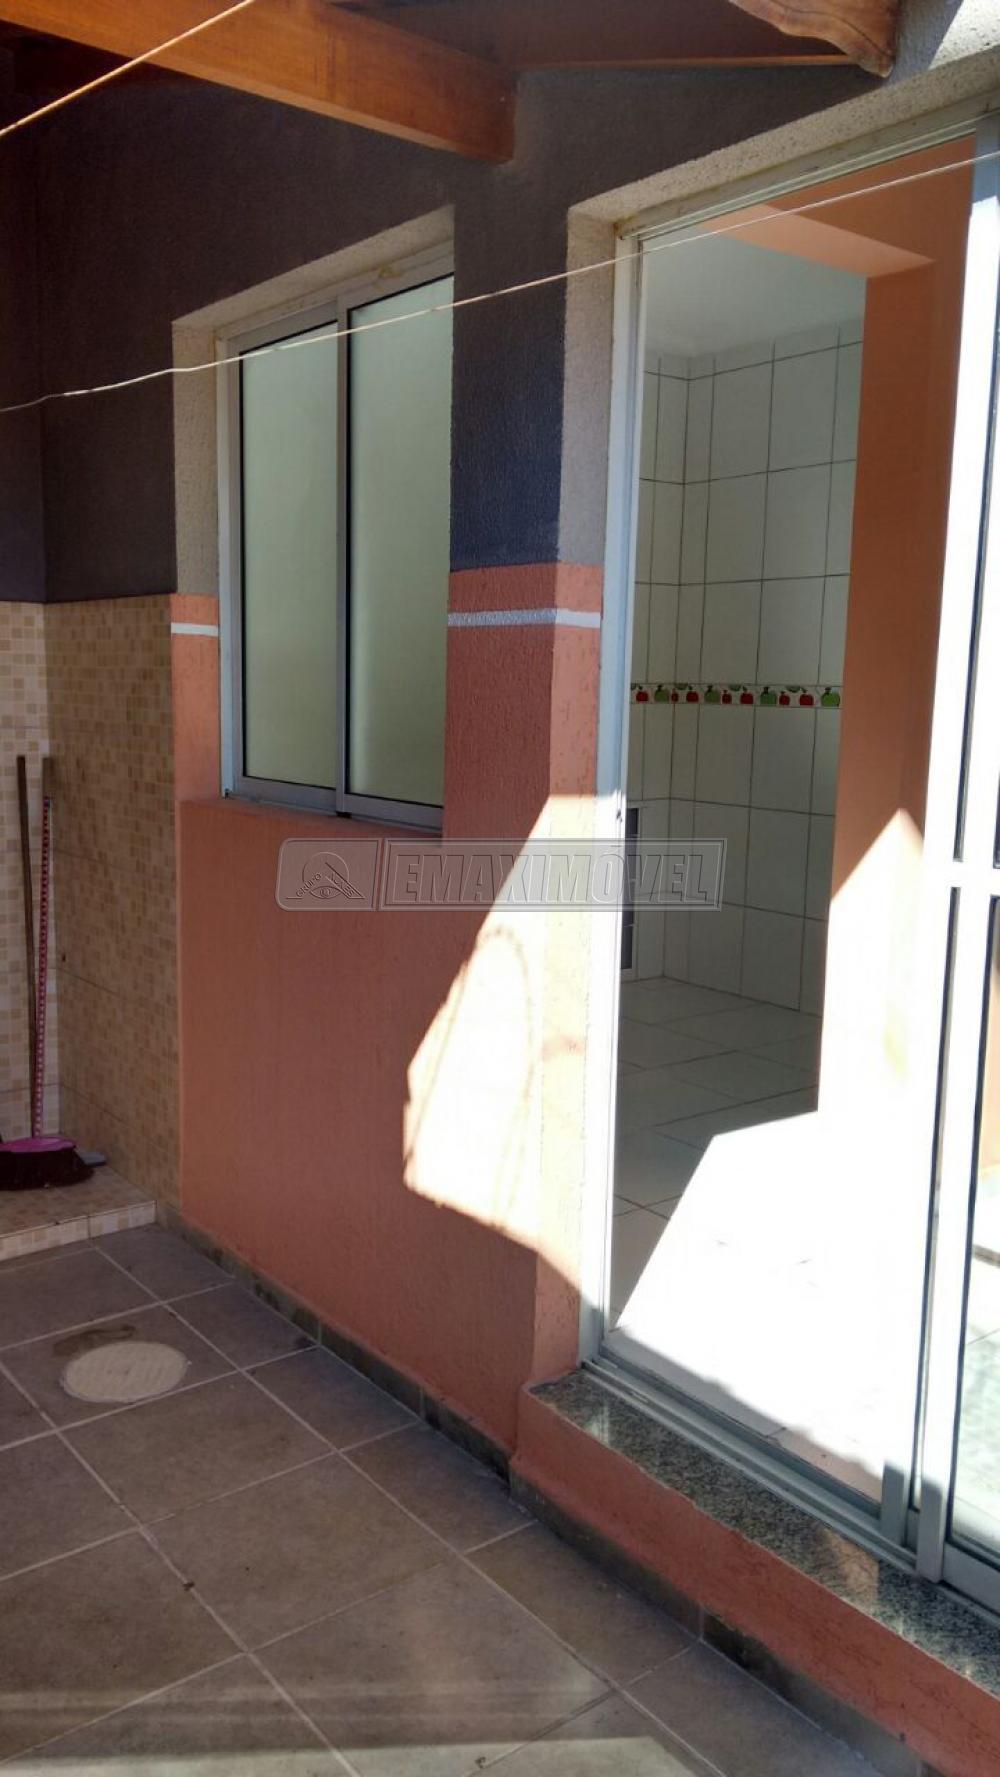 Comprar Casas / em Condomínios em Sorocaba apenas R$ 200.000,00 - Foto 14